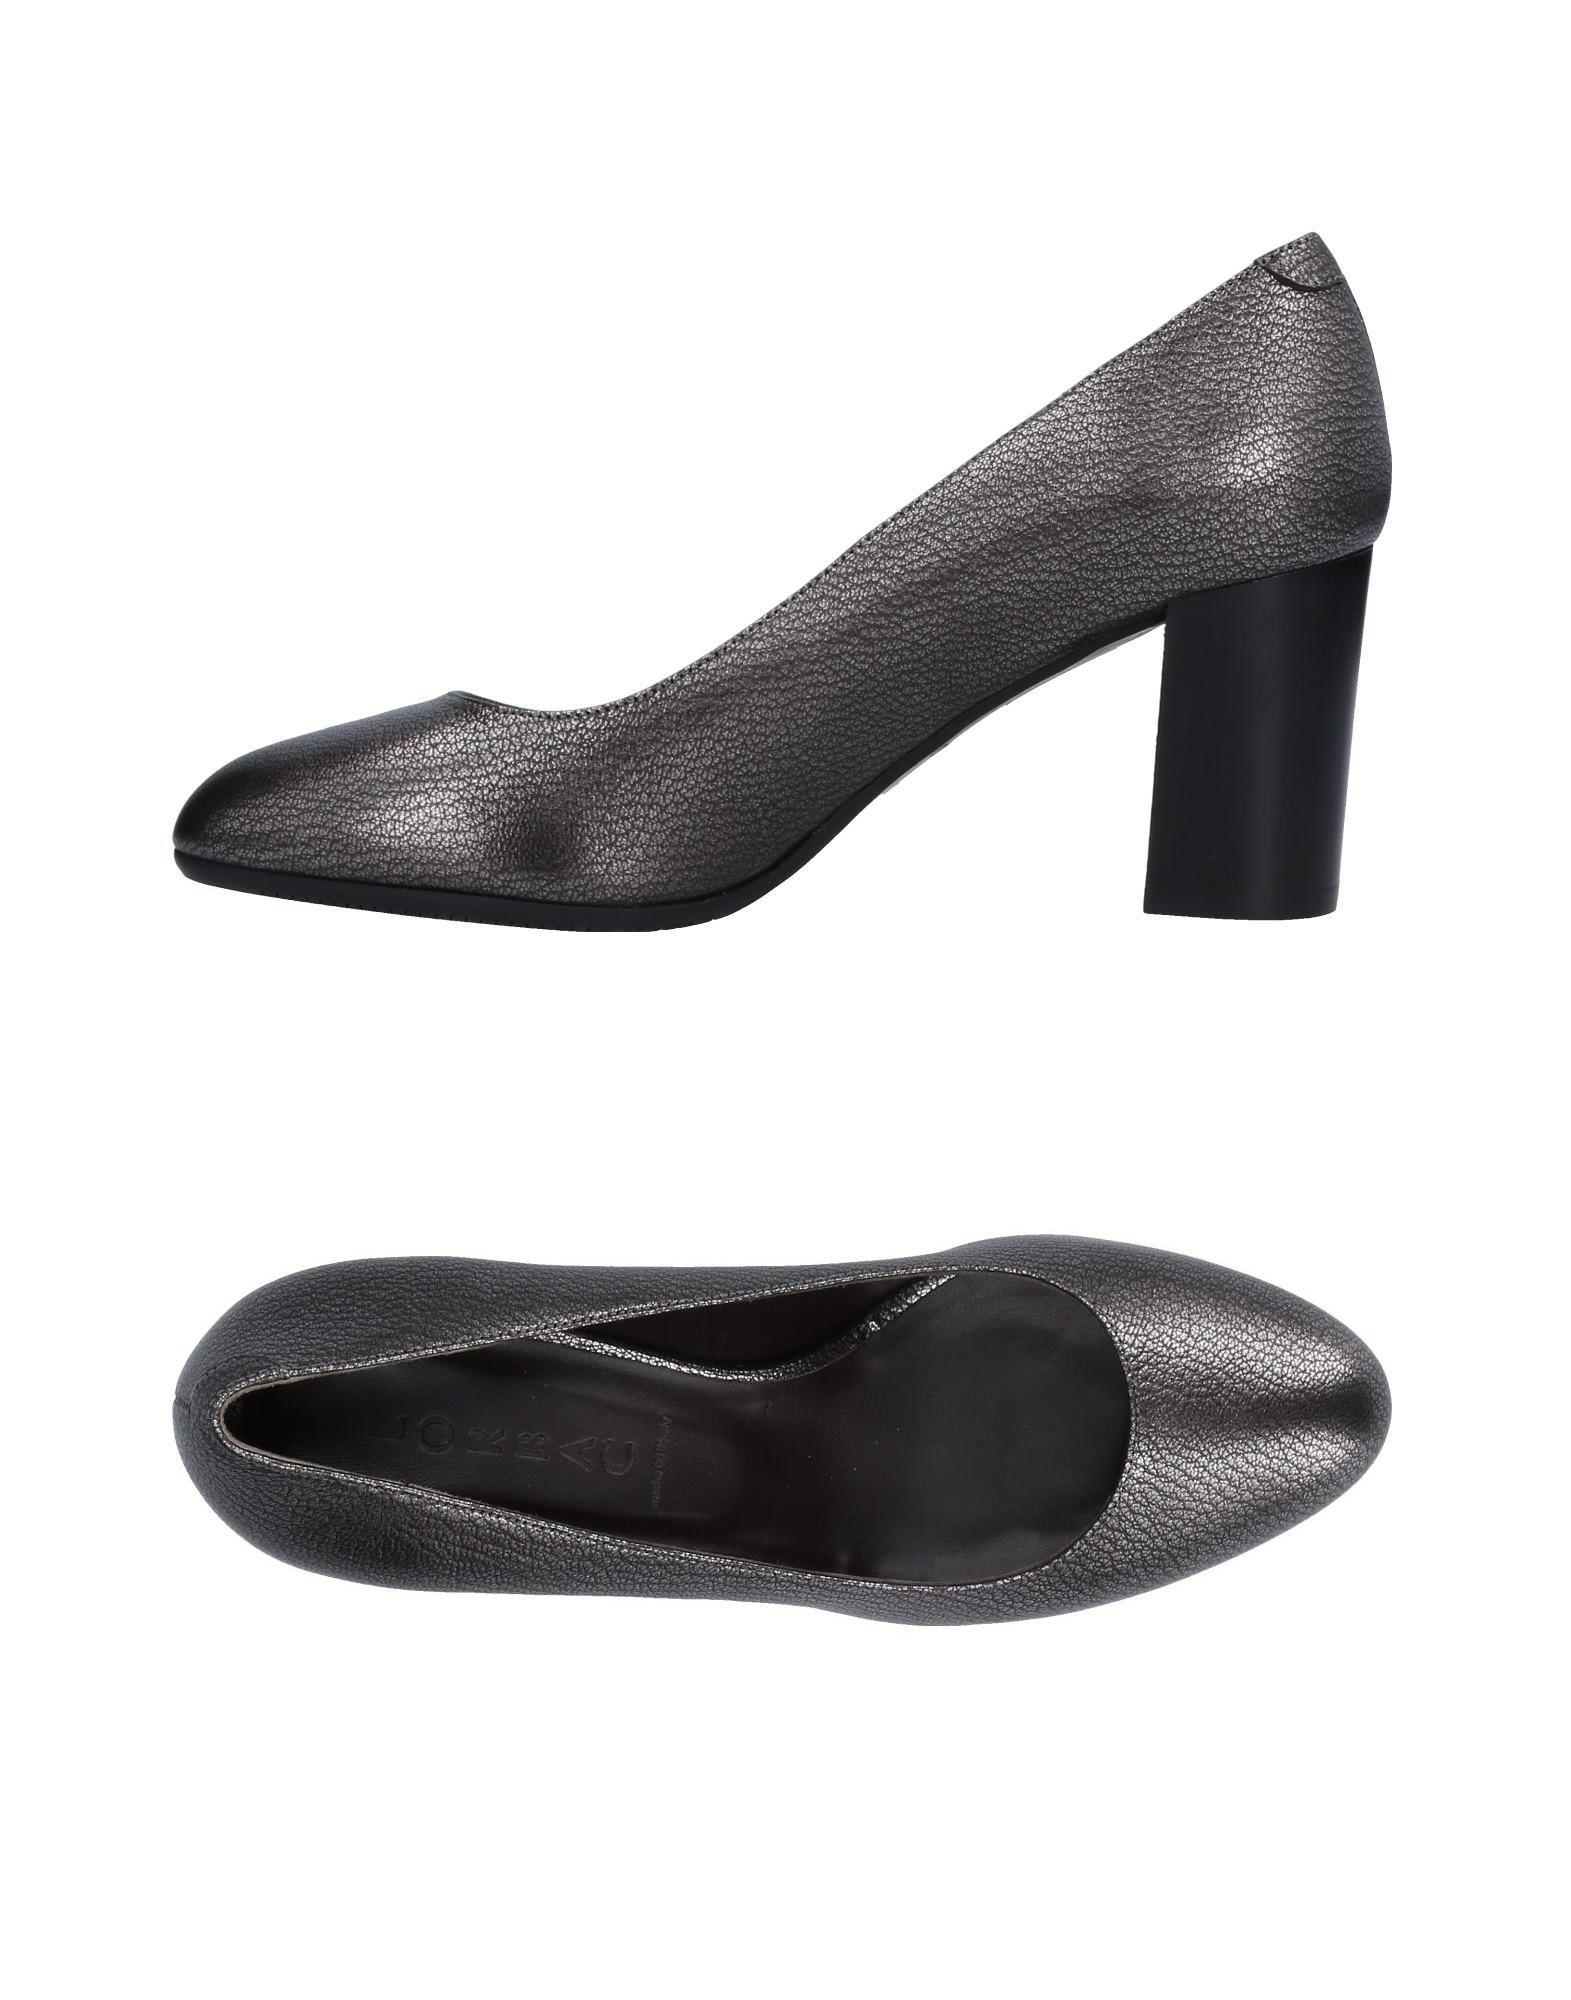 Sandali Camper Donna e - 11211282CA Nuove offerte e Donna scarpe comode b9f264